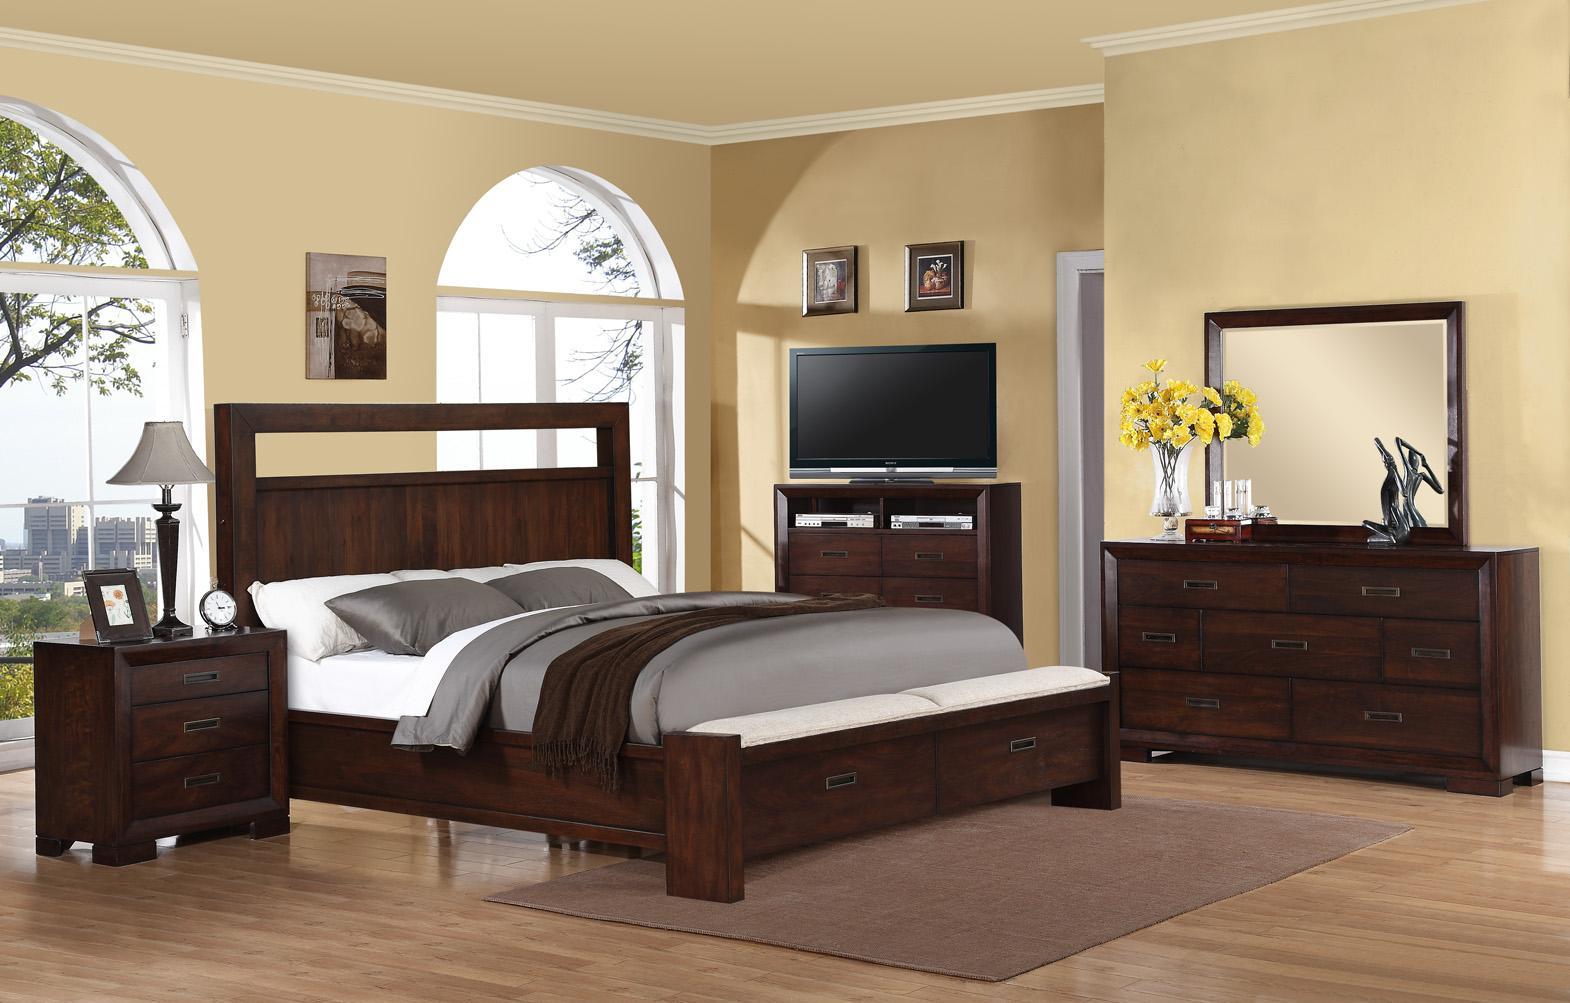 Riverside Furniture Riata Queen Panel Bed w/ Storage | Wayside ...